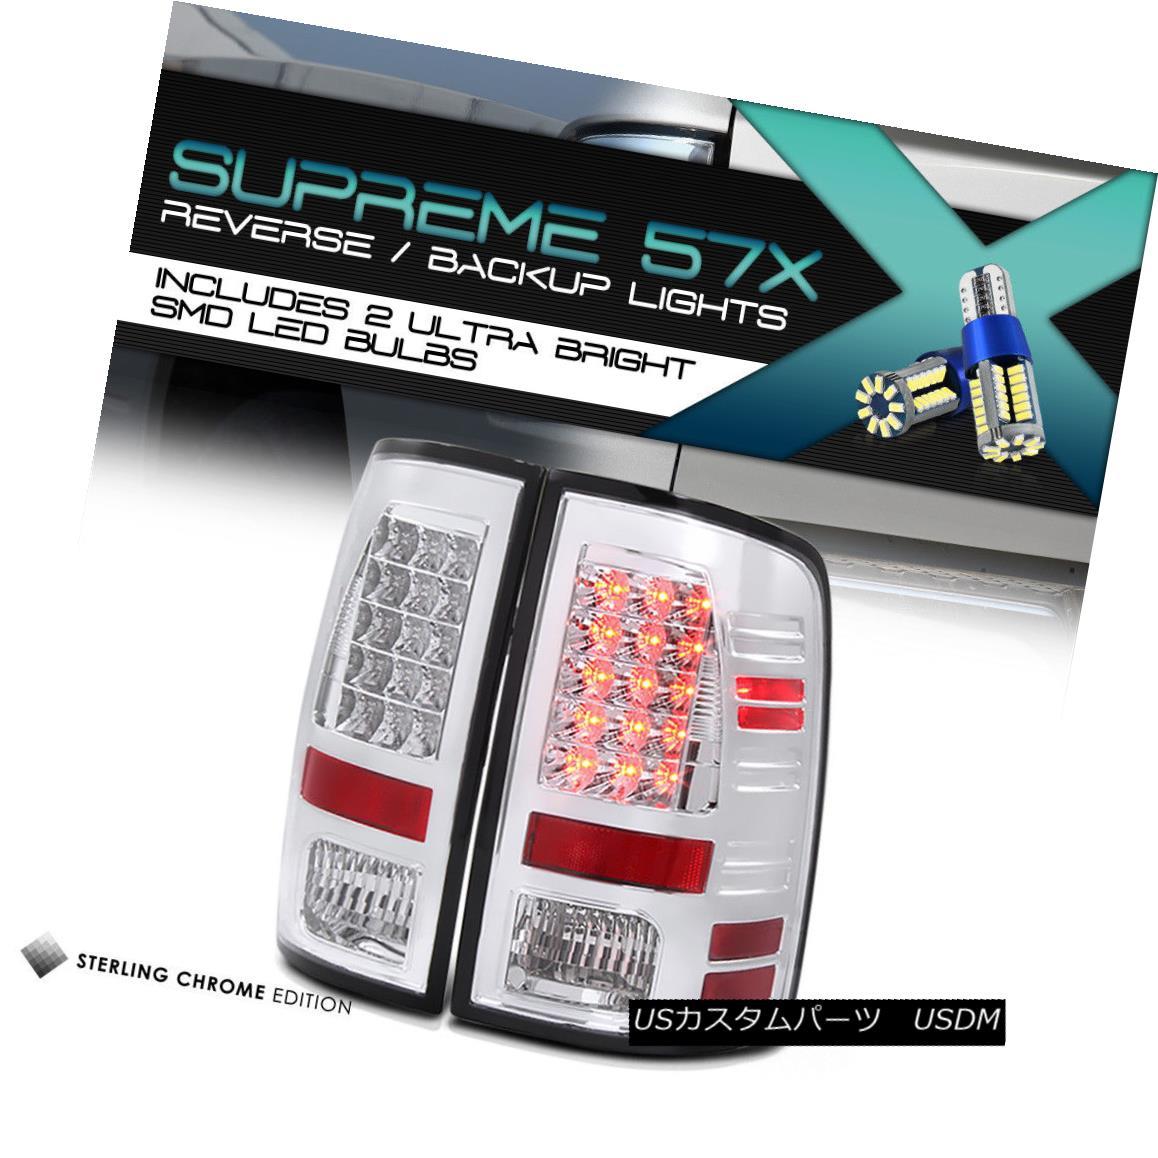 テールライト [Full SMD Backup]Ram 09 10 11 12 13 14 15 16 17 18 Left+Right LED Tail Lamps Set [フルSMDバックアップ] Ram 09 10 11 12 13 14 15 16 17 18左+右LEDテールランプセット